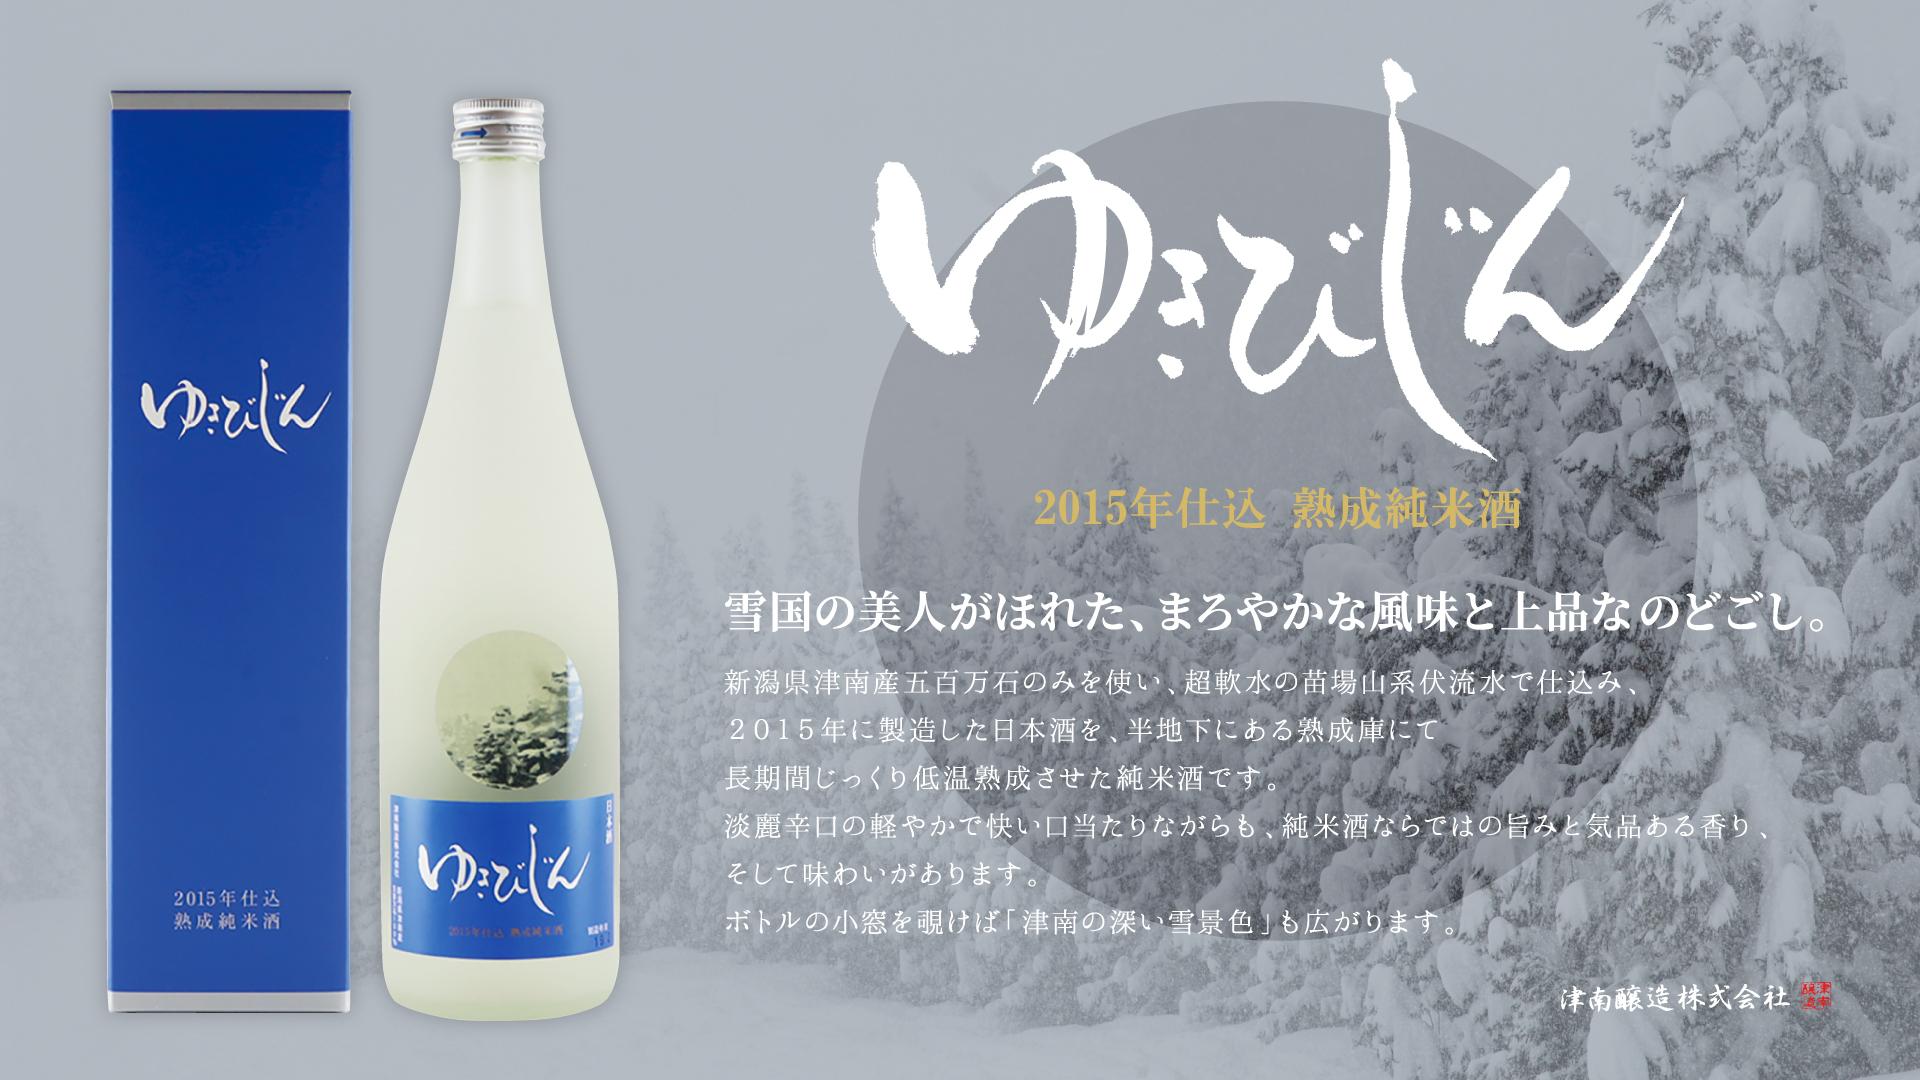 熟成純米酒ゆきびじん2015年仕込み